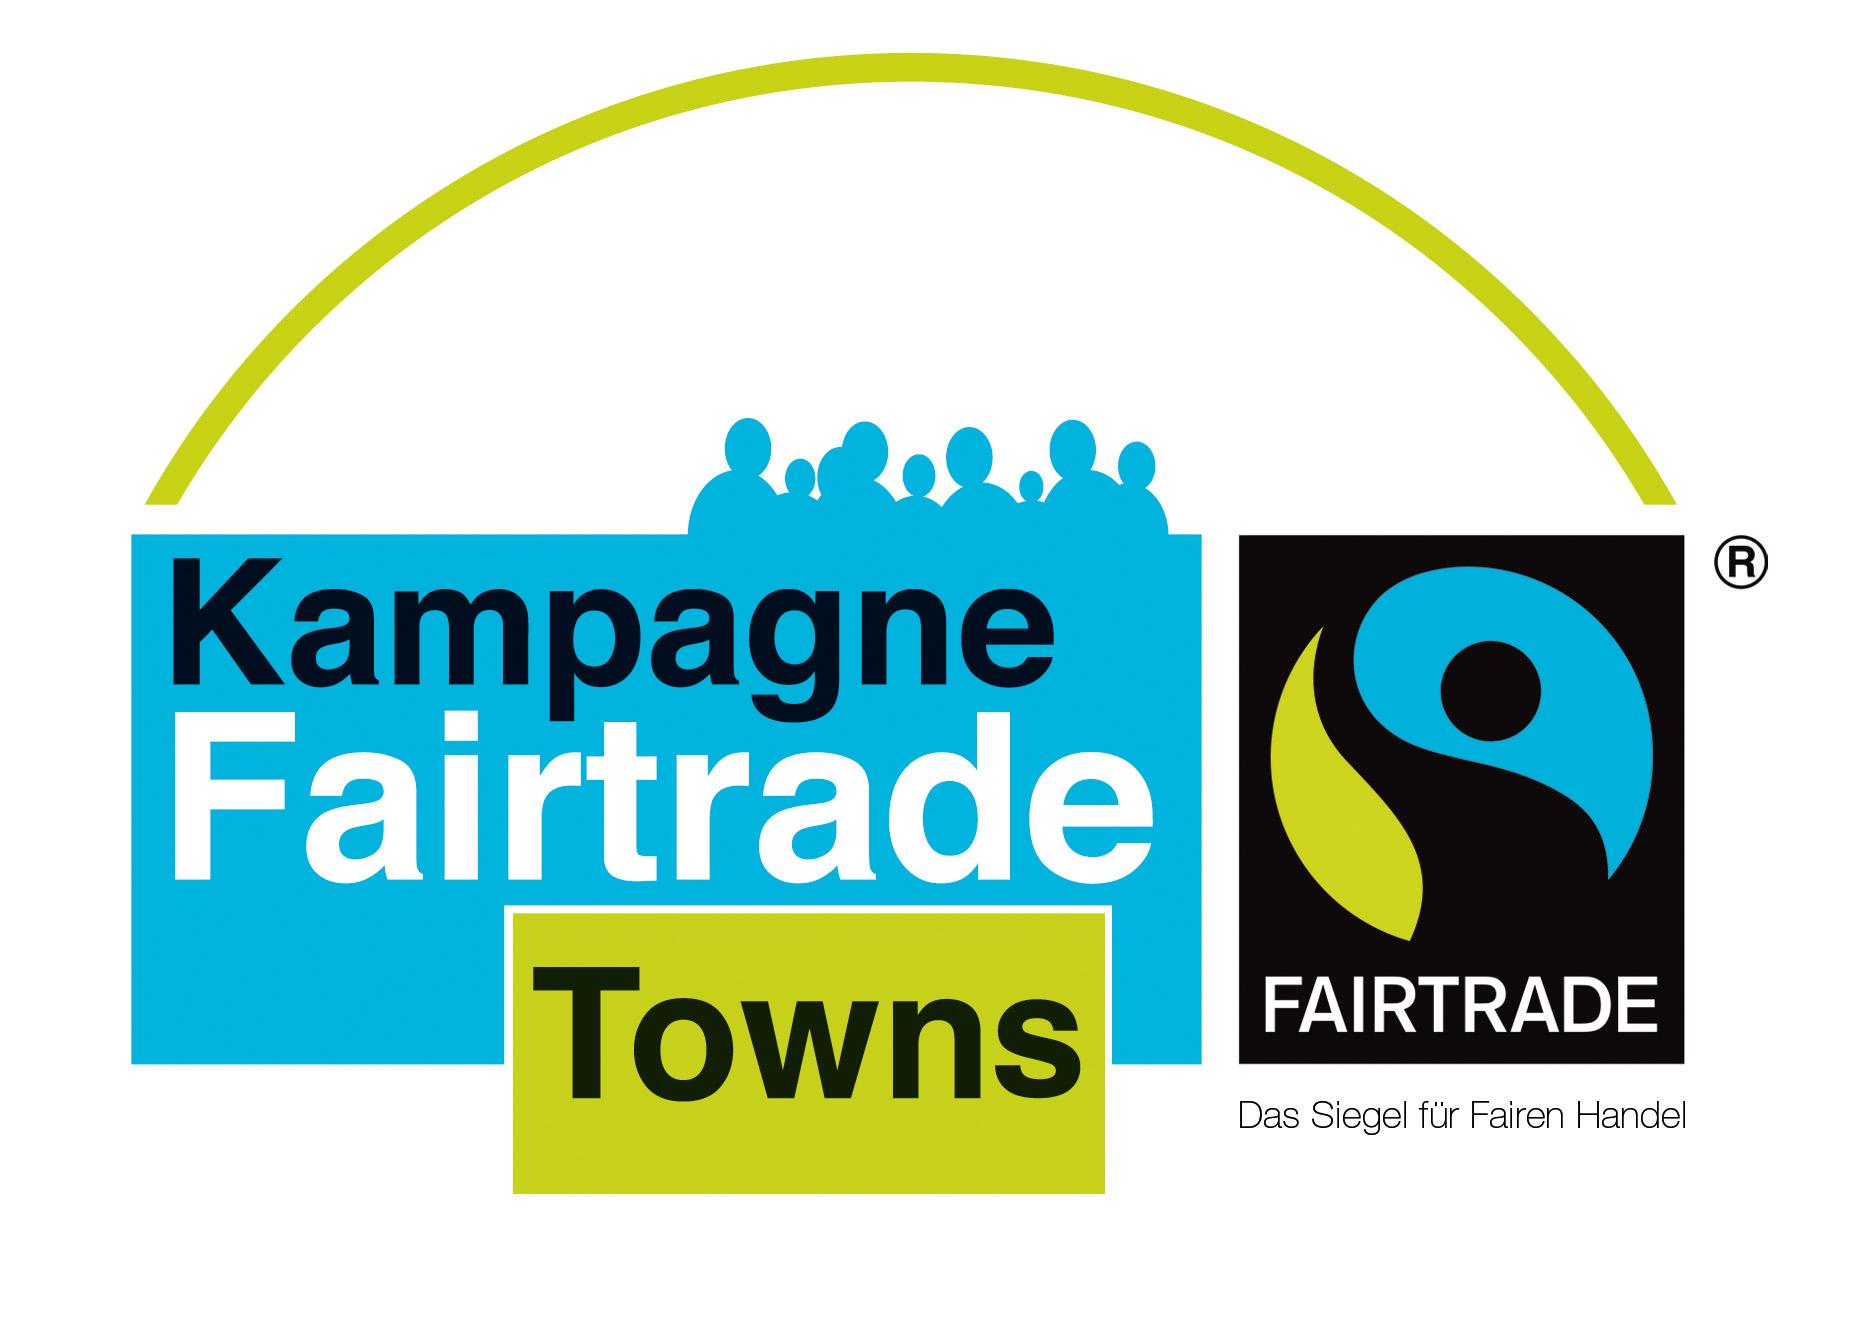 fairtrade in n rnberg agenda 21. Black Bedroom Furniture Sets. Home Design Ideas